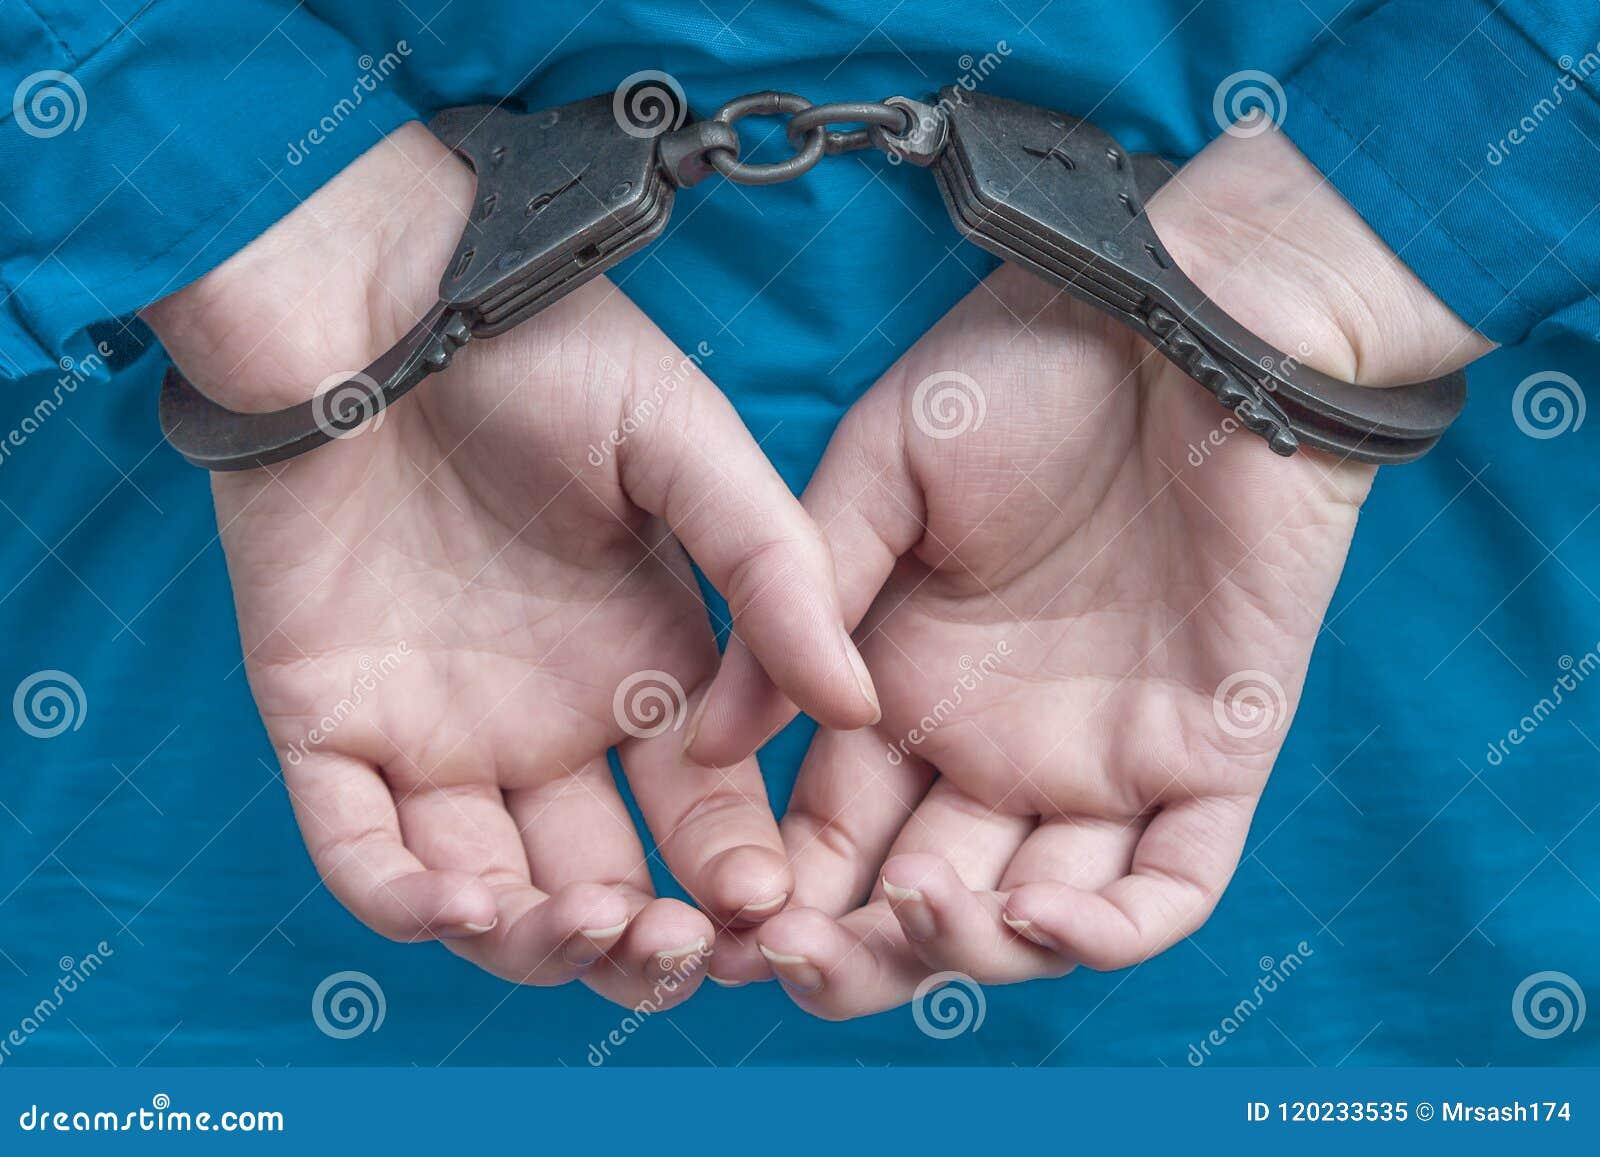 Handen veroordeeld meisje in handcuffs achter haar